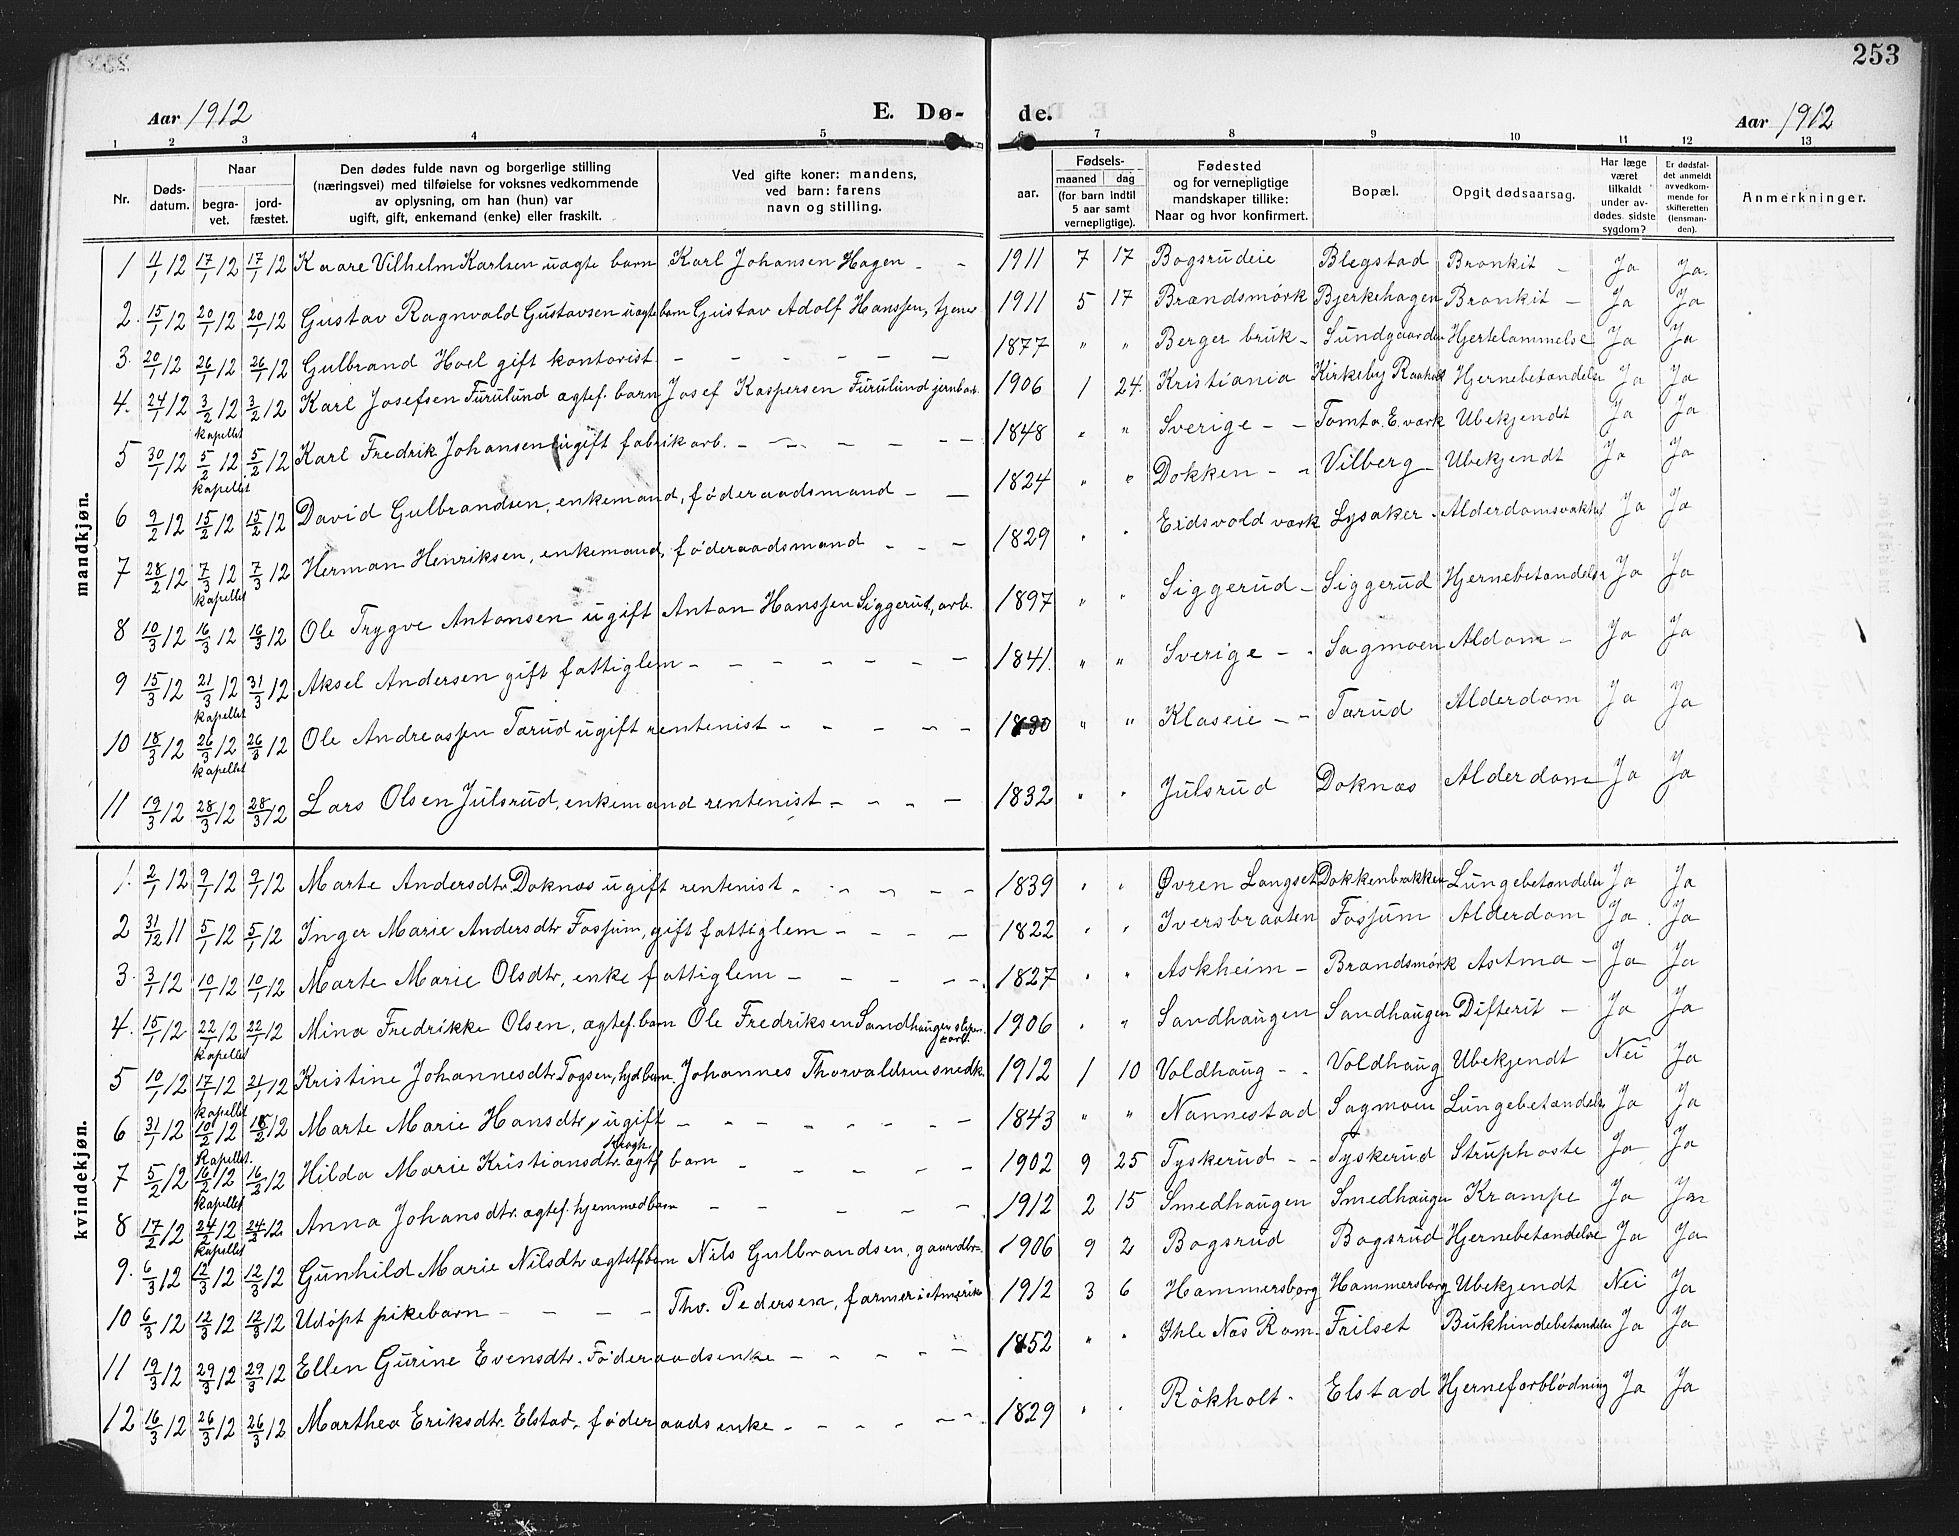 SAO, Eidsvoll prestekontor Kirkebøker, G/Ga/L0008: Klokkerbok nr. I 8, 1909-1918, s. 253